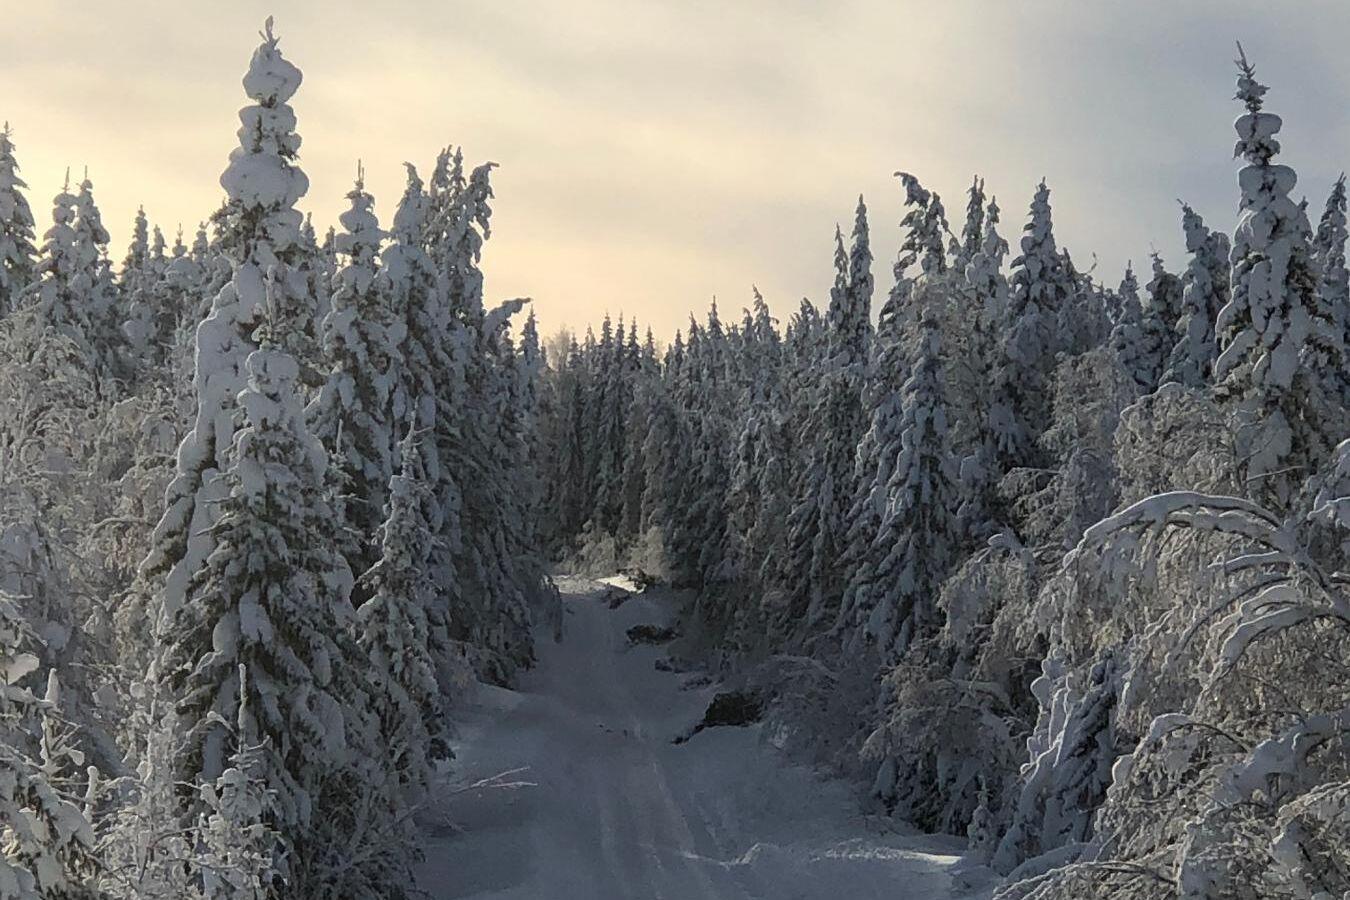 Svåra snöförhållanden har gett upphov till många snöbrott i skogen i norra och västra Hälsingland.